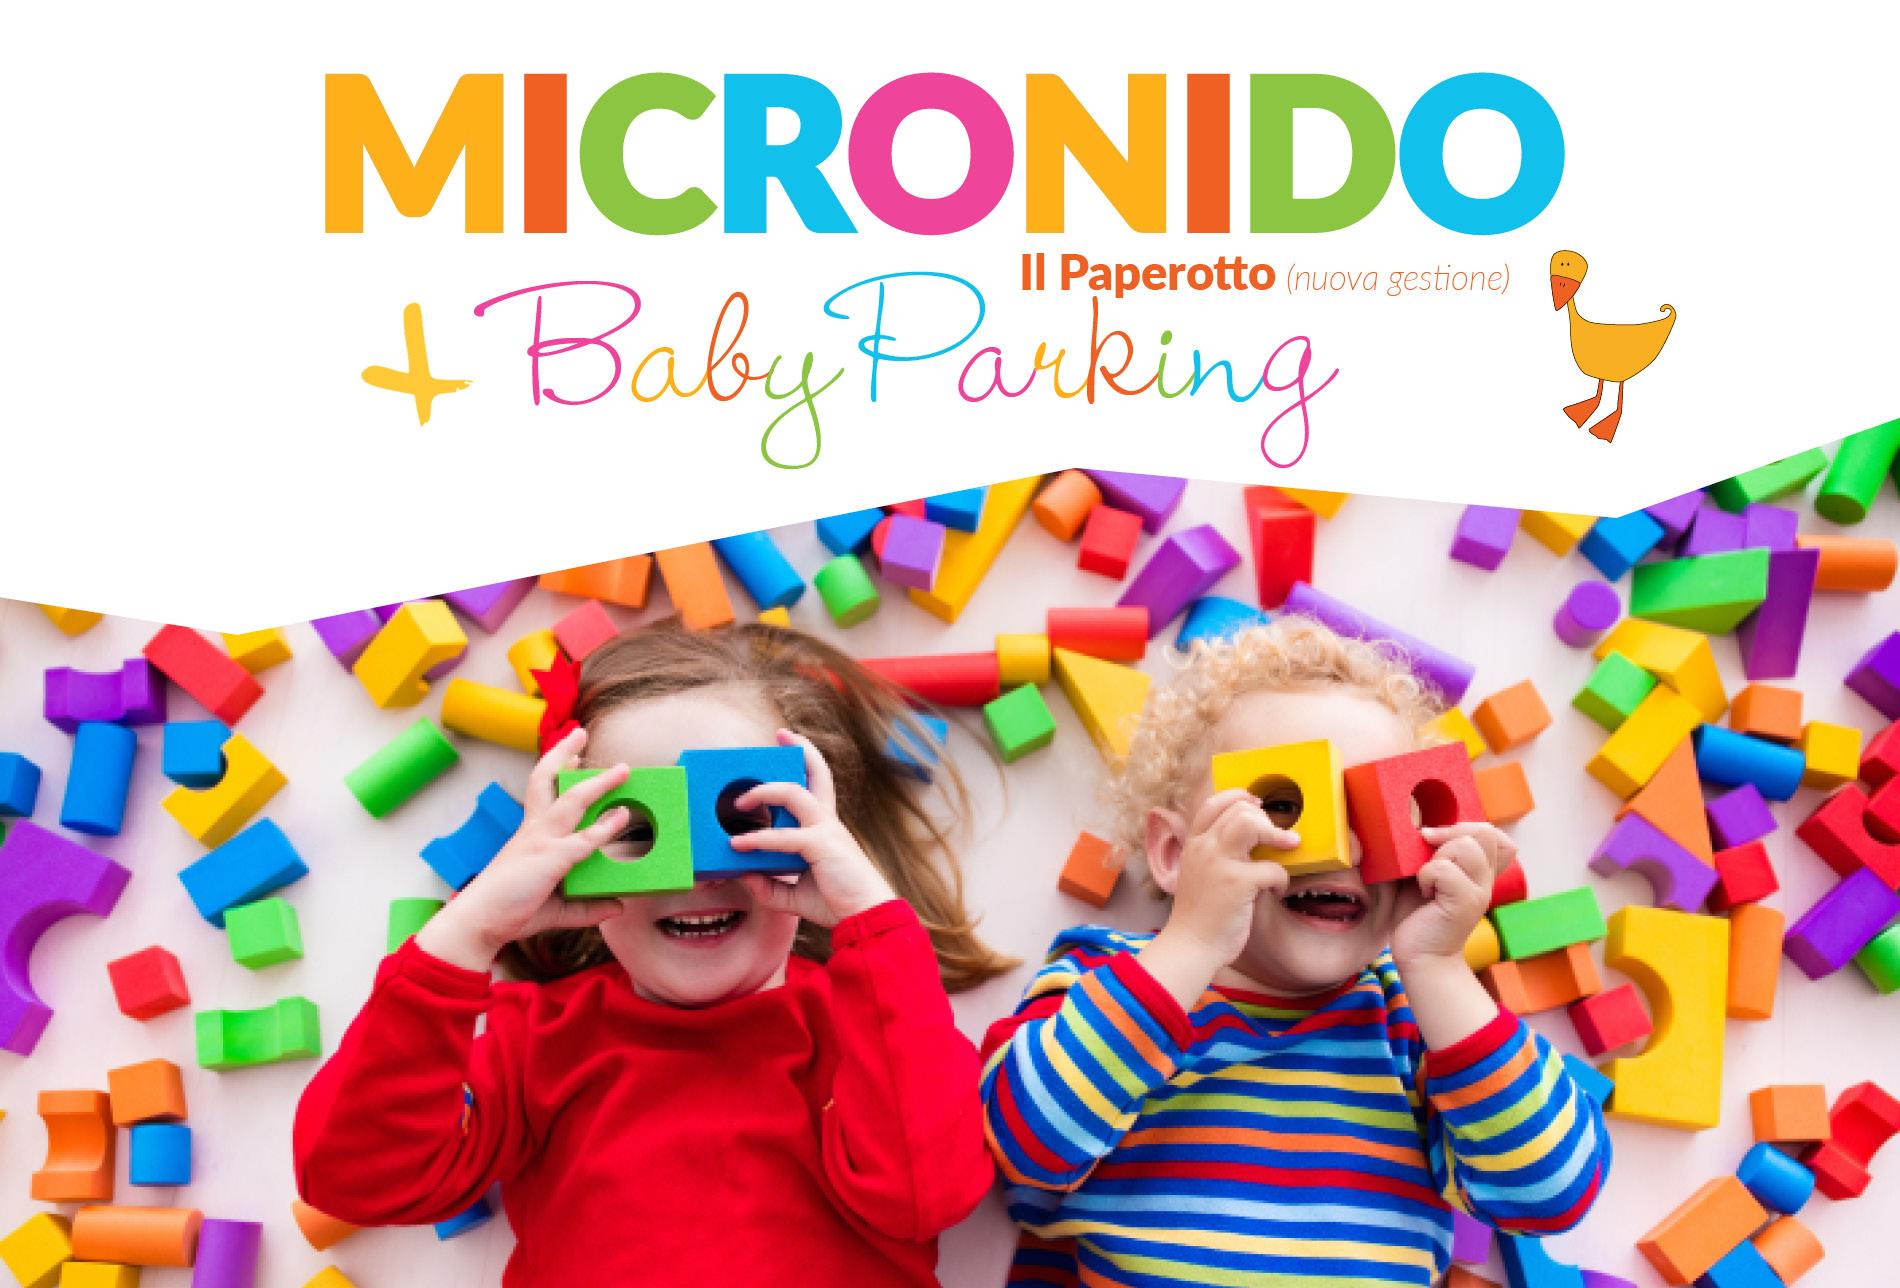 Micronido Il Paperotto